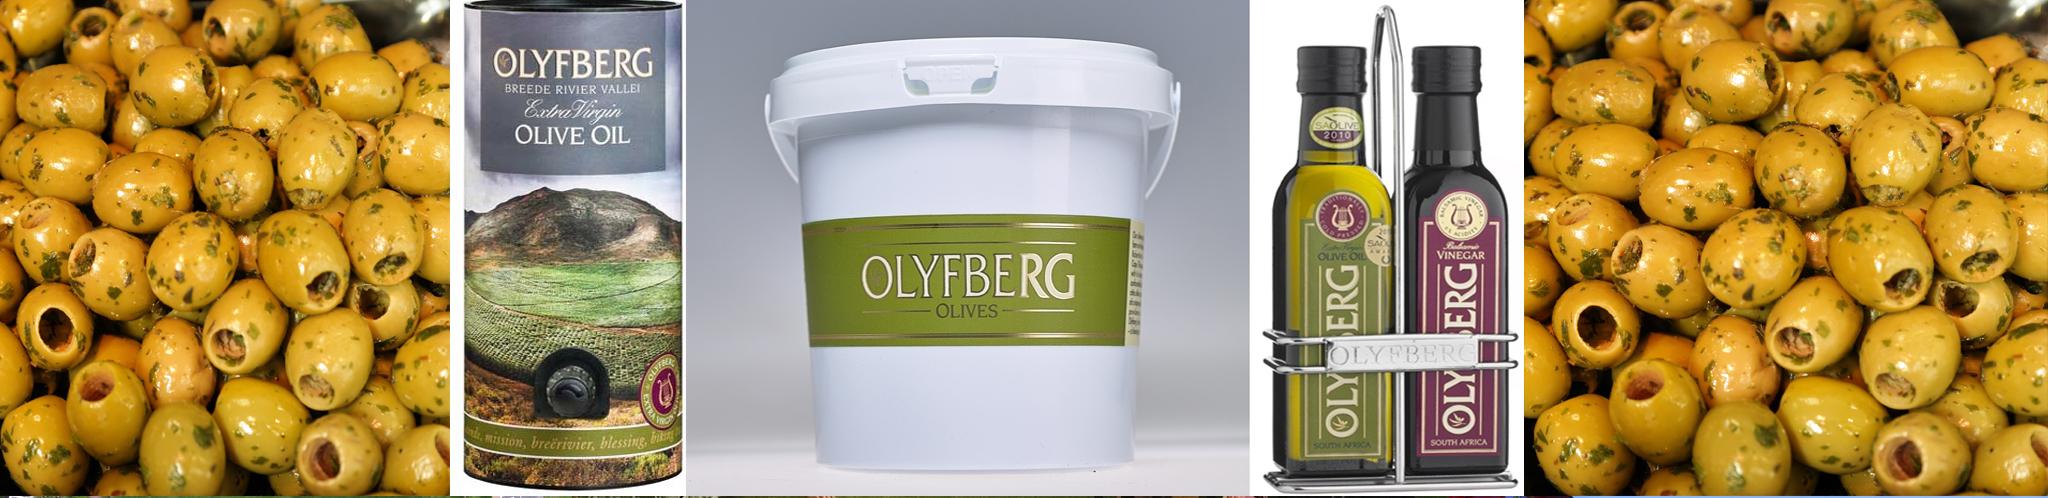 olyfberg2